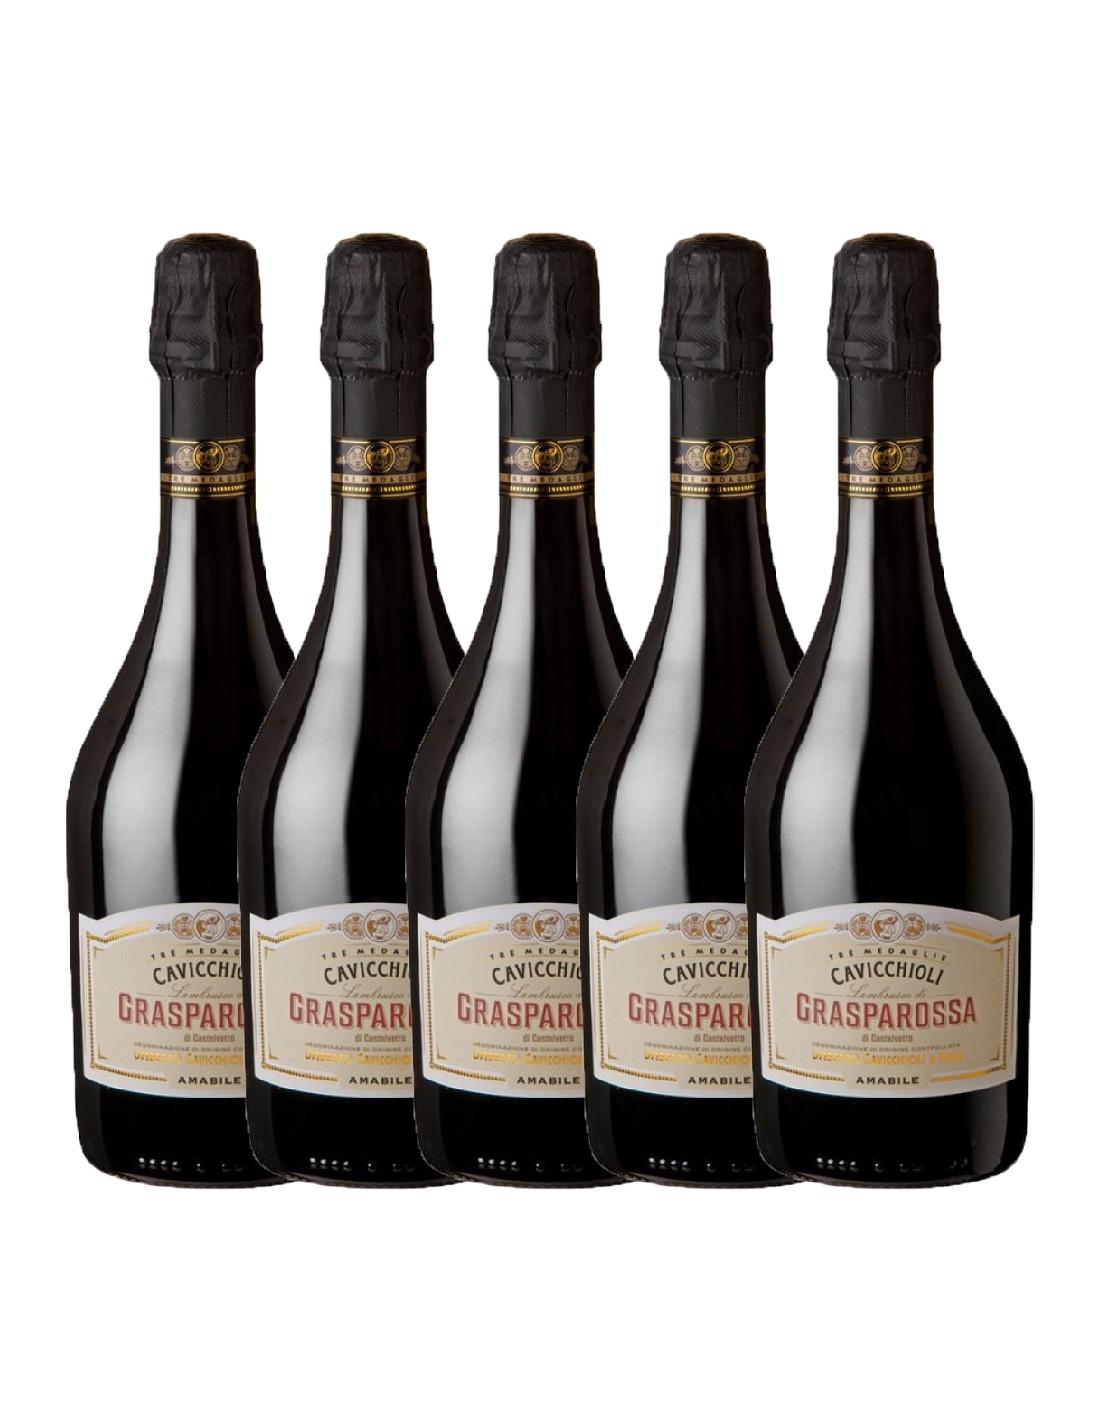 Pachet 5 sticle Vin frizzante Cavicchioli Grasparossa Amabile, 8% alc., 0.75L, Italia